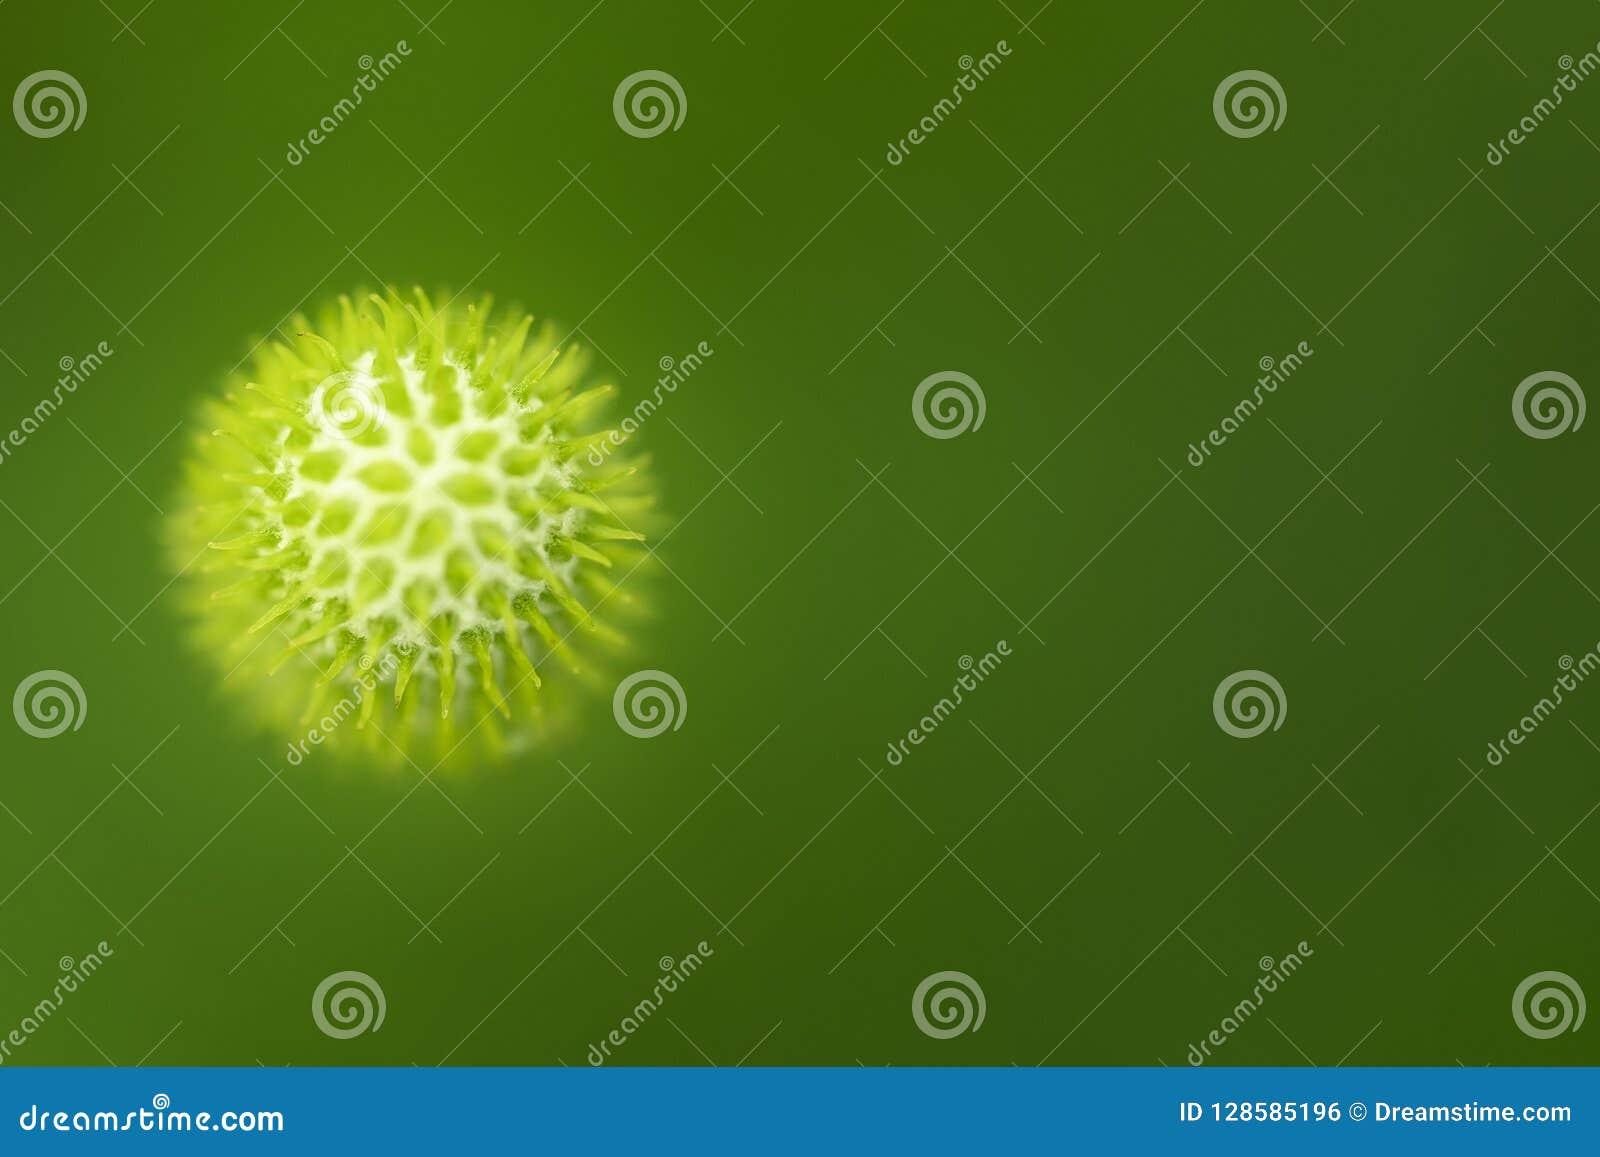 病毒 一个有机细胞的特写镜头图象在绿色背景的